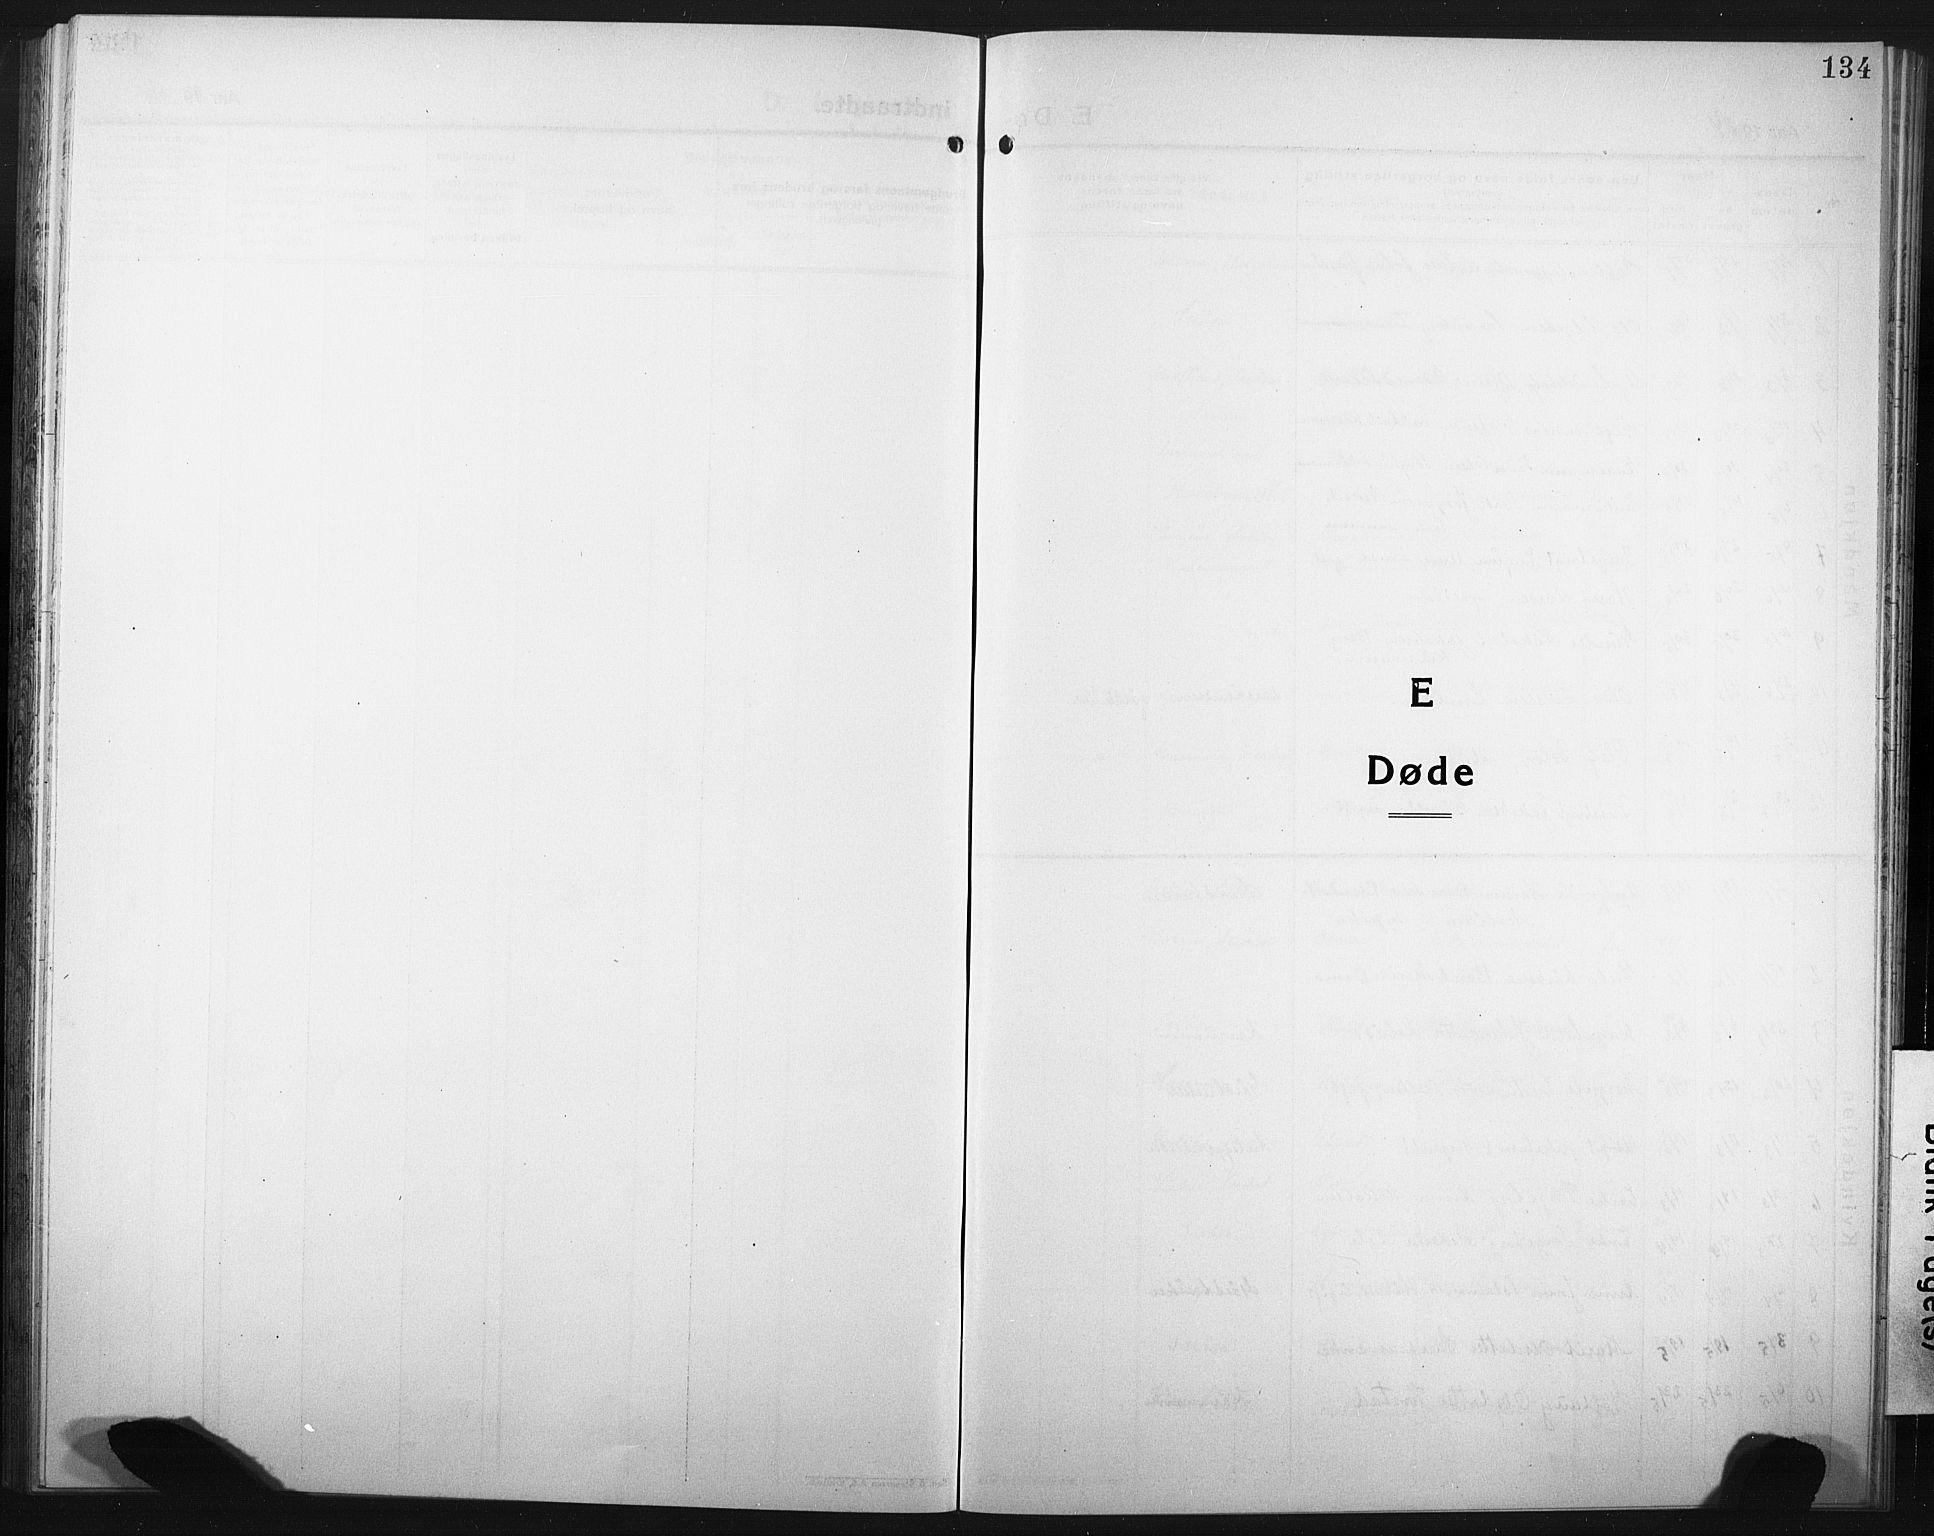 SAT, Ministerialprotokoller, klokkerbøker og fødselsregistre - Nord-Trøndelag, 749/L0480: Klokkerbok nr. 749C02, 1924-1932, s. 134